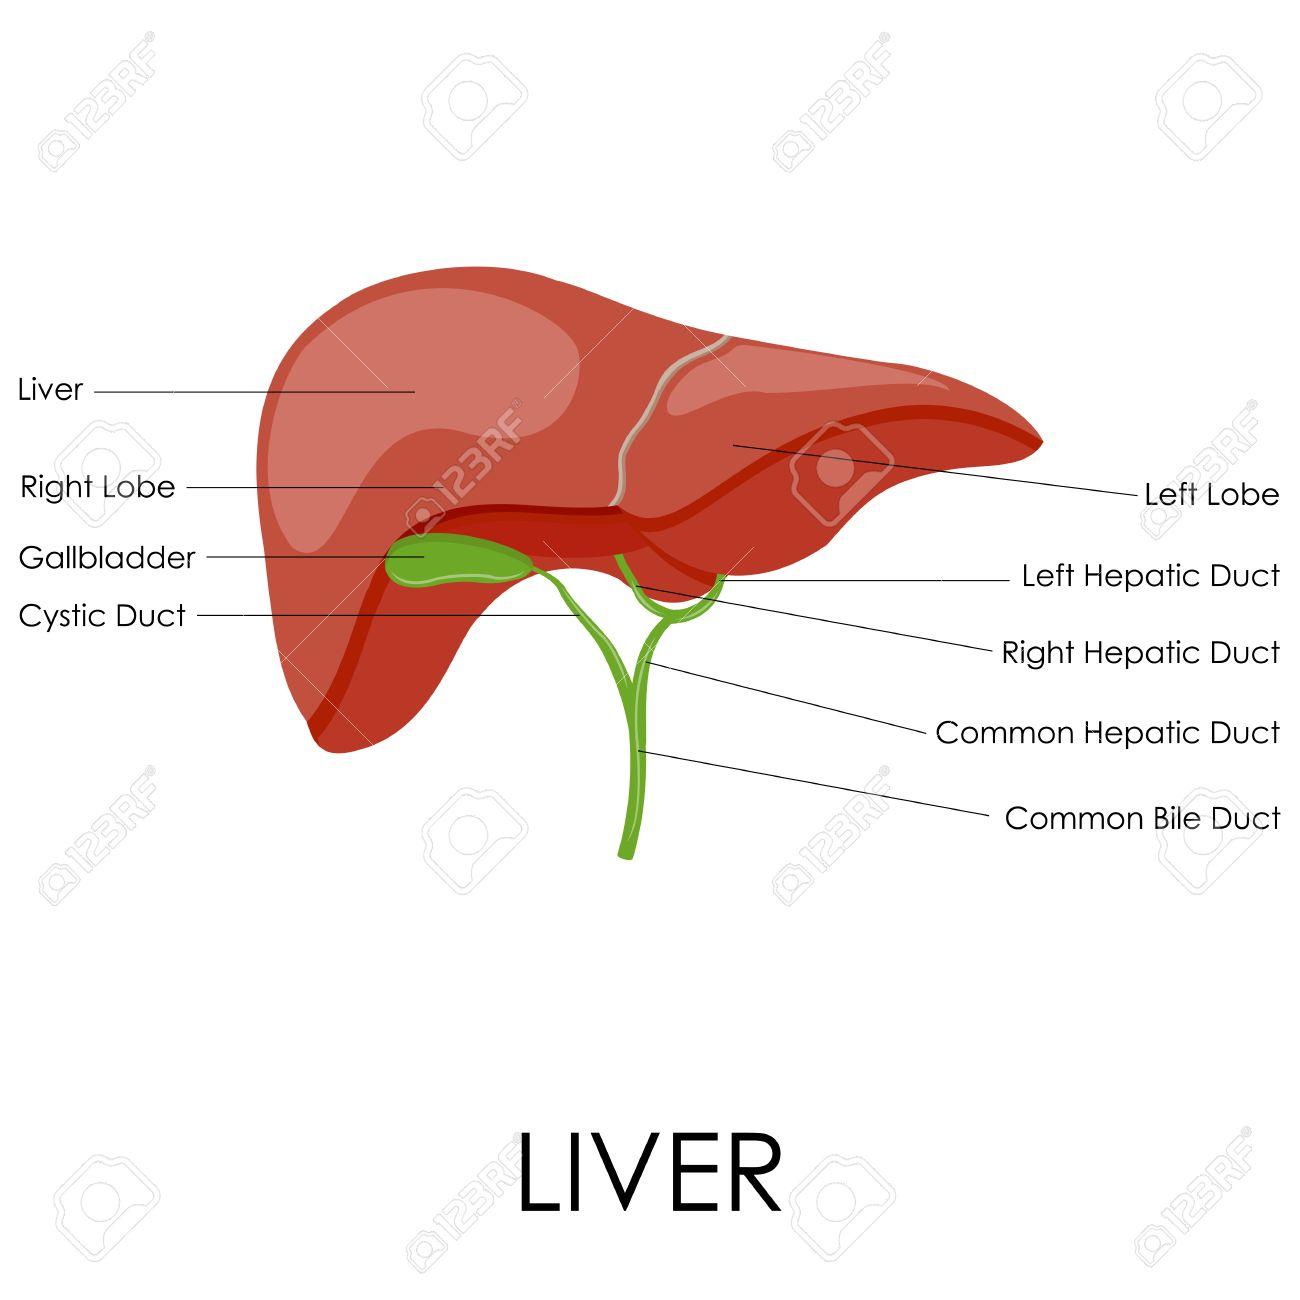 Ilustración Vectorial De Diagrama De La Anatomía Del Hígado Humano ...